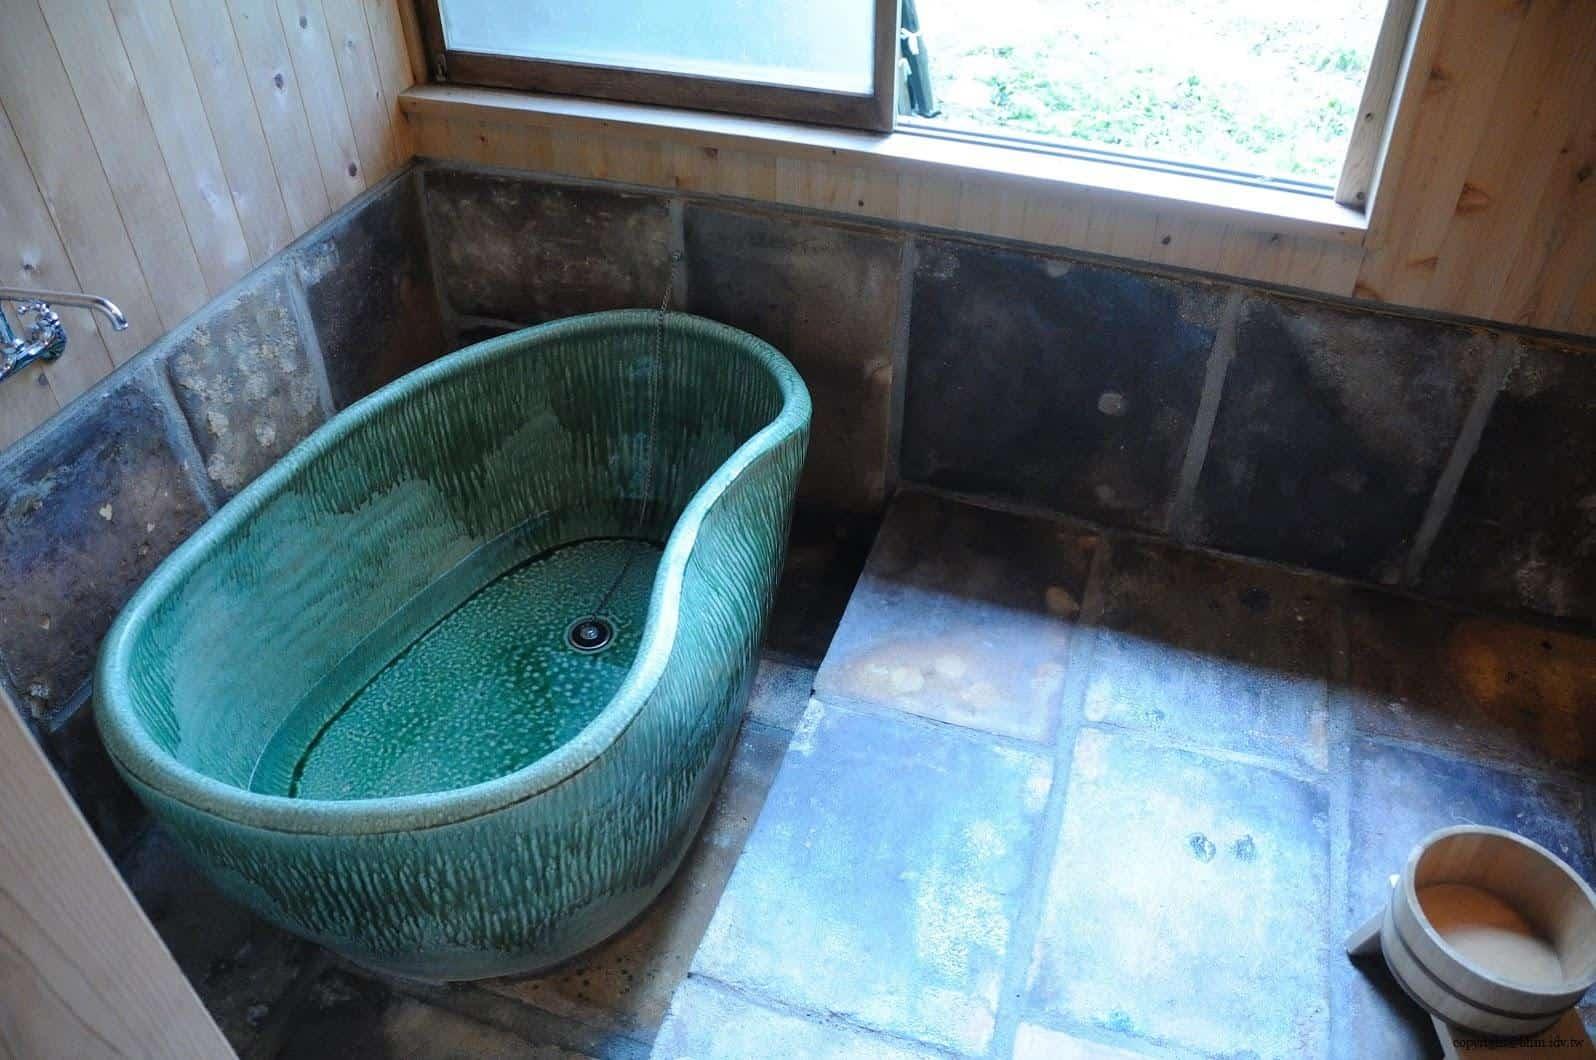 入澤美時/安藤邦廣,產土神之家,一樓洗手間,因提供住宿故有澡缸,是我喜歡的顏色端看許久 產土神之家 產土神之家 ubusuna house 14